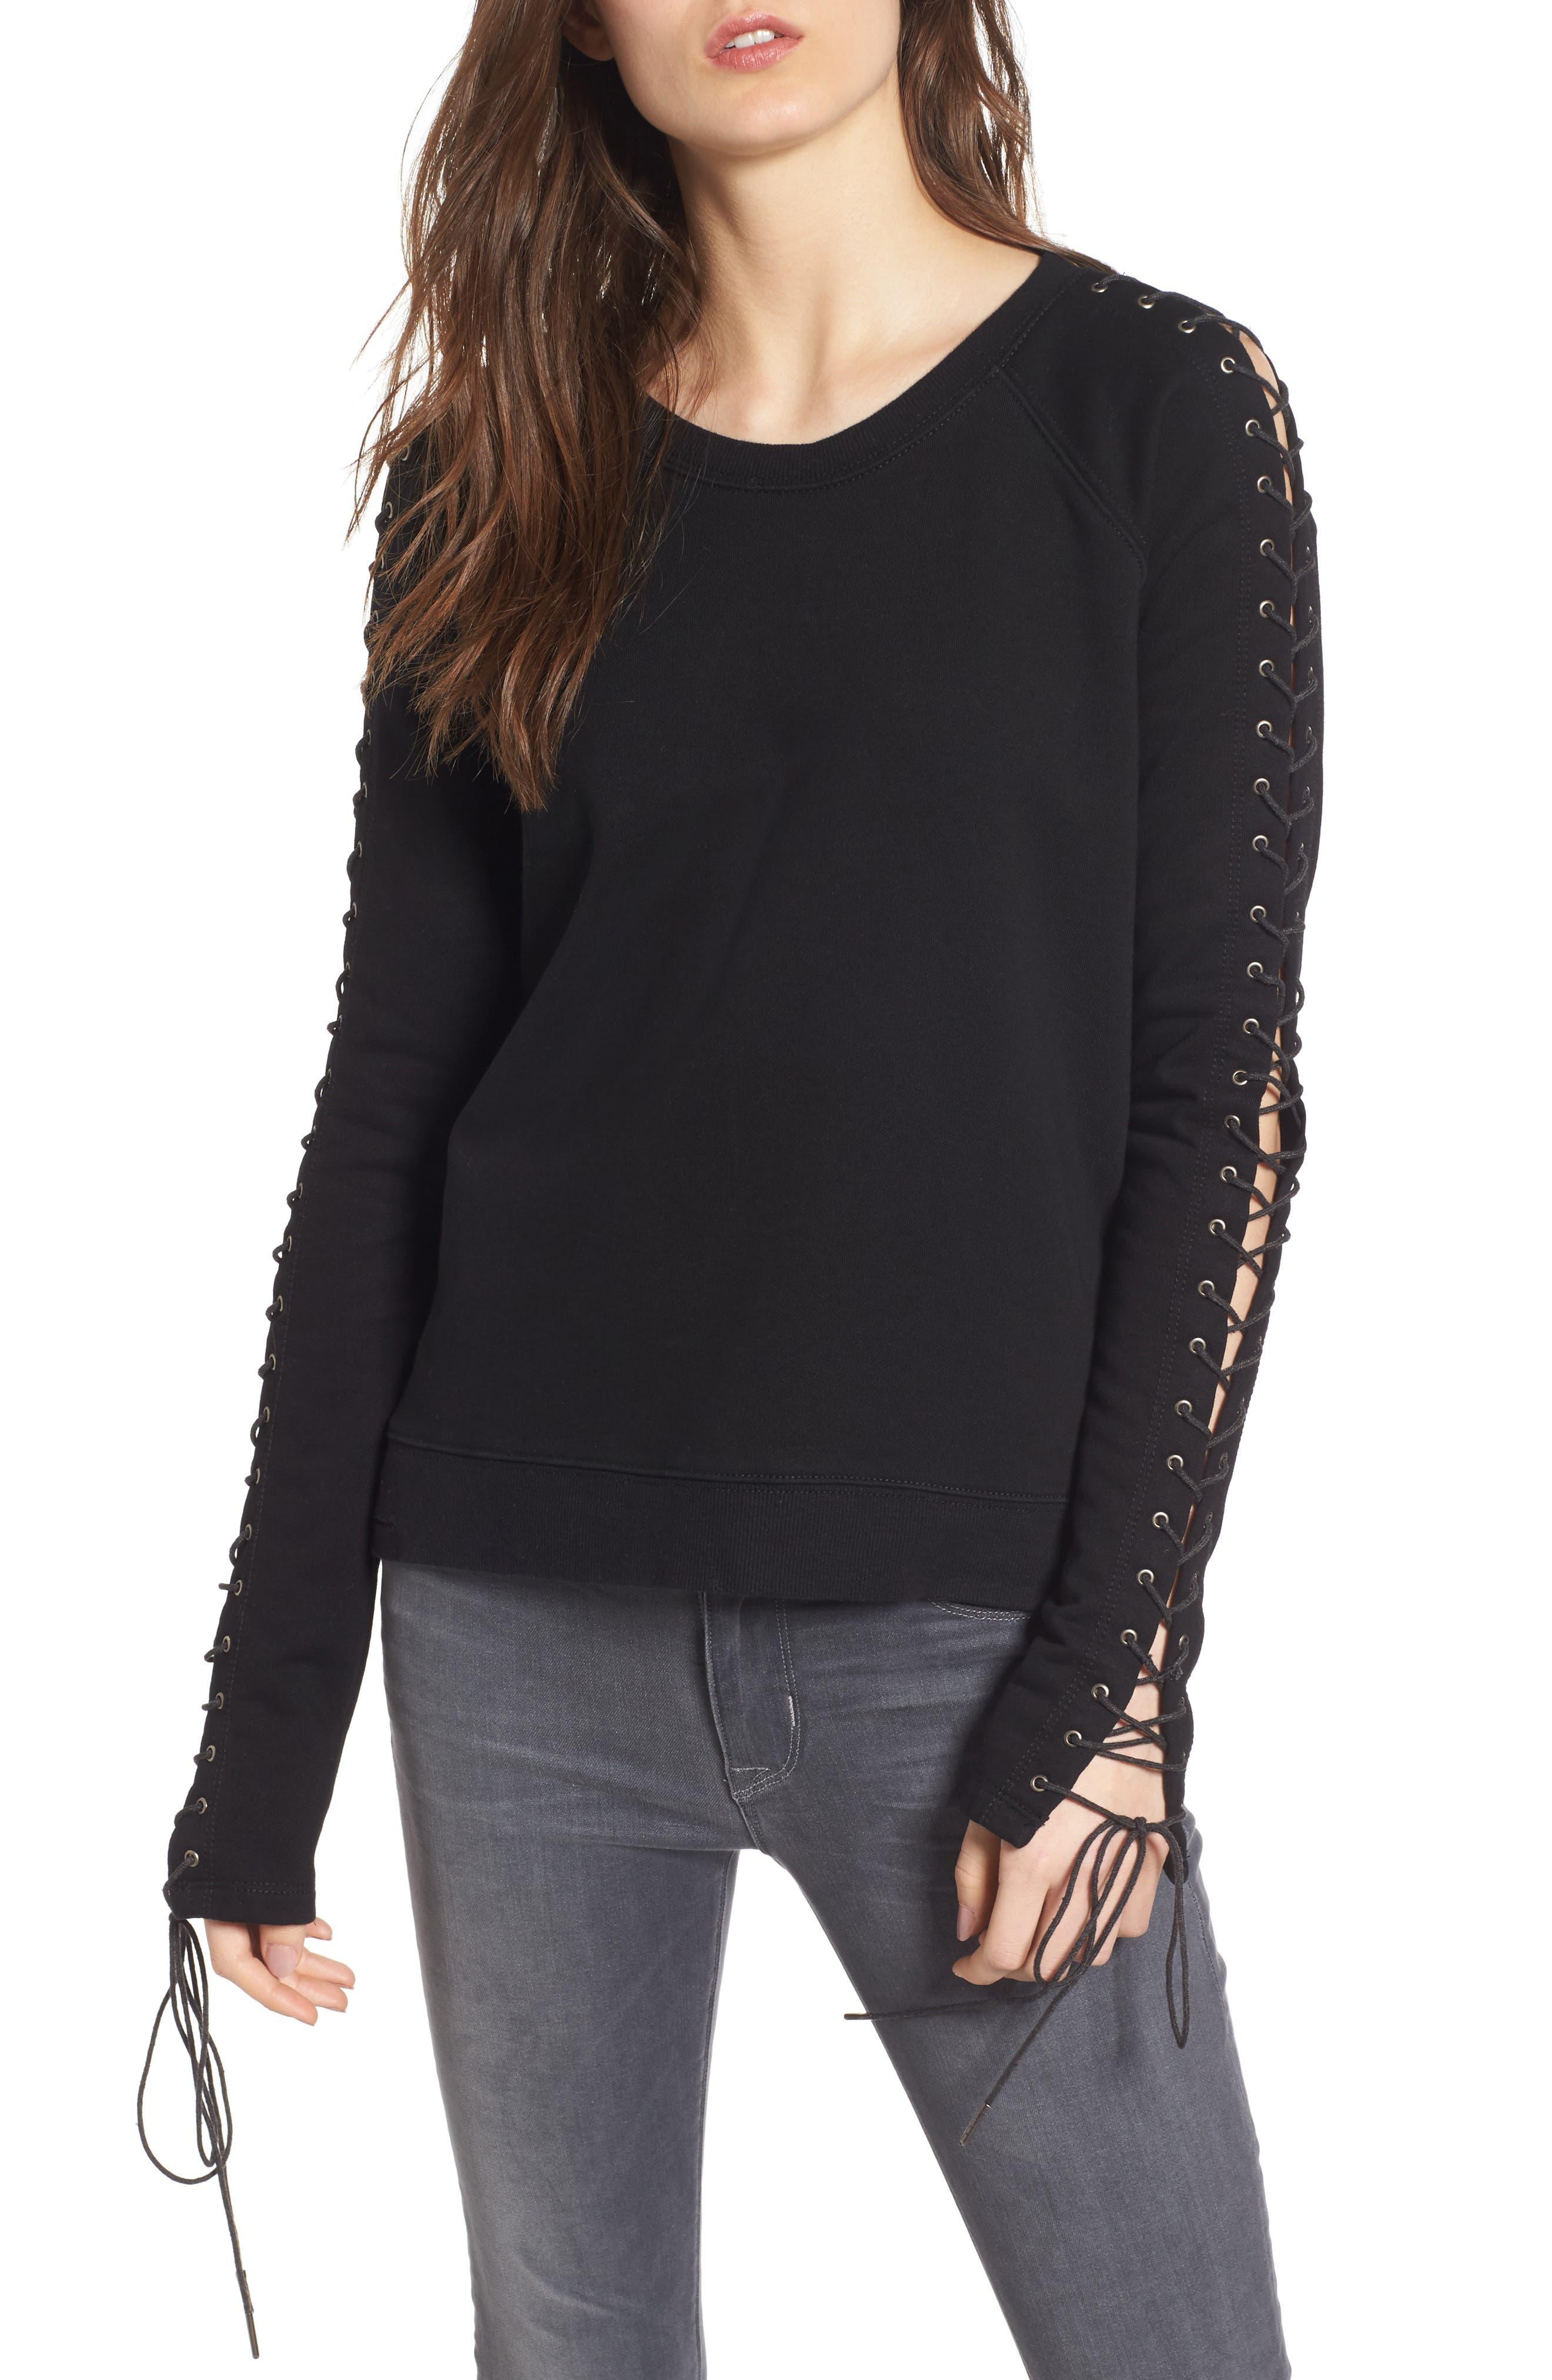 Main Image - Pam & Gela Lace-Up Sleeve Sweatshirt